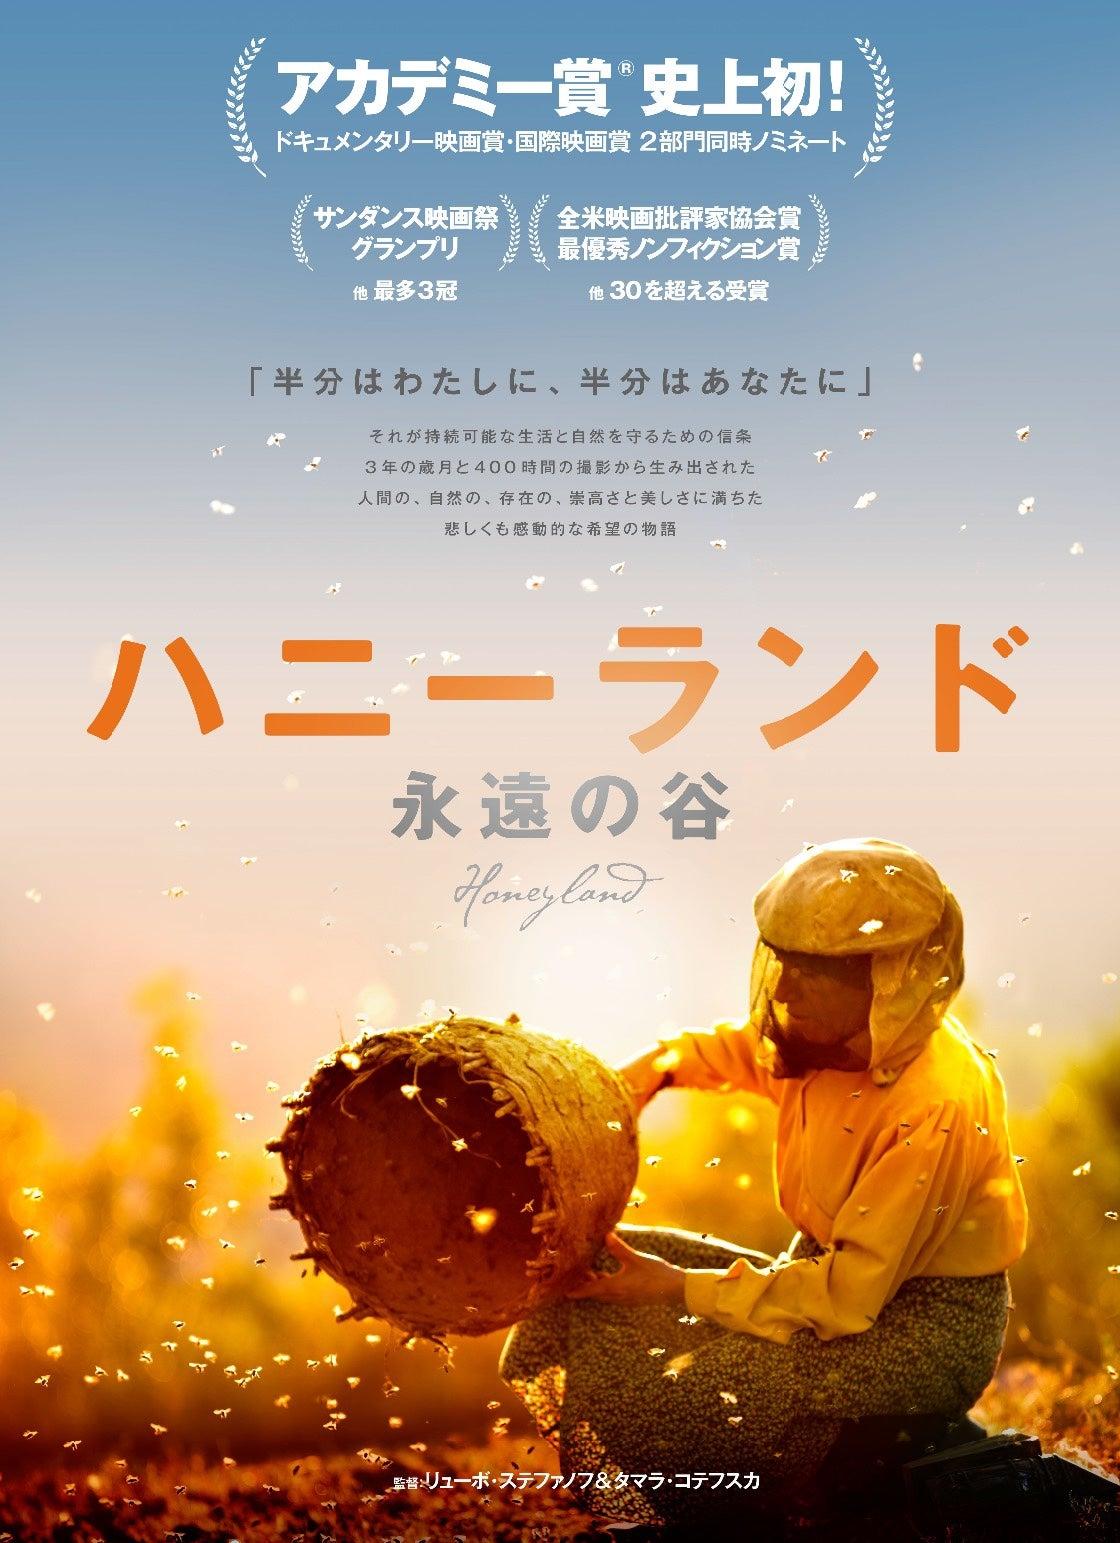 蜂蜜を愛するみなさまへ♡ 週末に素敵な一緒に映画を観ませんか?